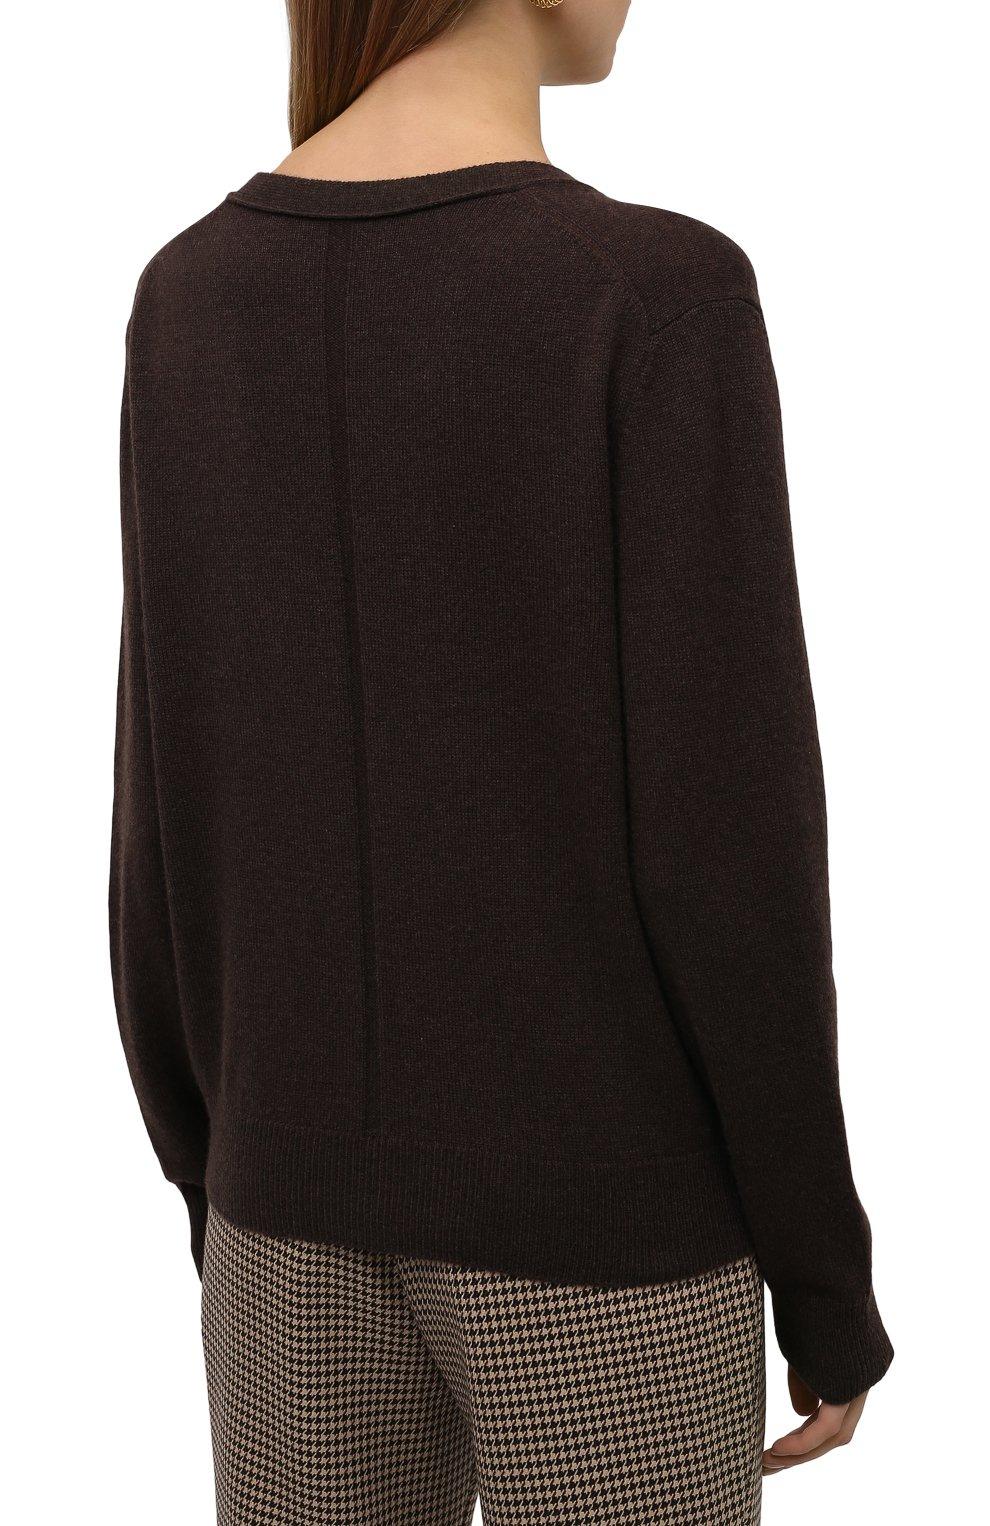 Женский кашемировый кардиган THE ROW темно-коричневого цвета, арт. 5683F377 | Фото 4 (Материал внешний: Шерсть, Кашемир; Рукава: Длинные; Длина (для топов): Стандартные; Женское Кросс-КТ: кардиган-трикотаж; Стили: Минимализм)